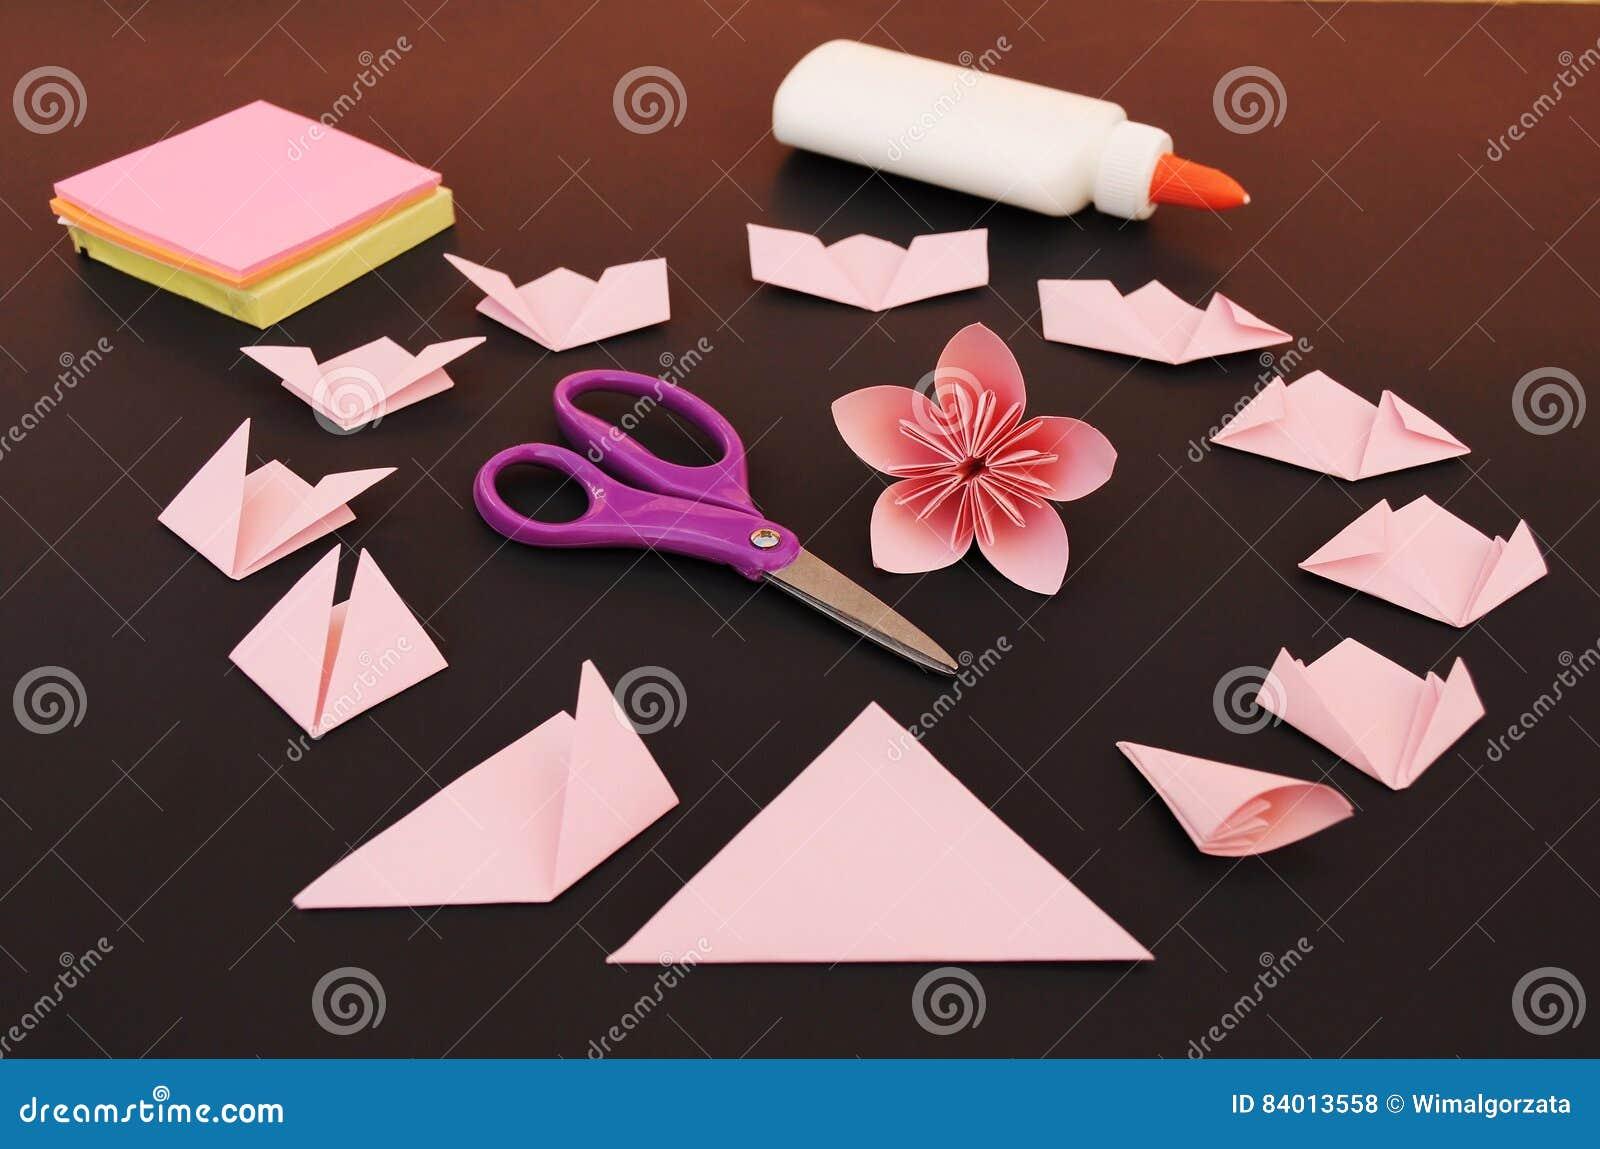 Origami flower instruction stock photo image of education origami flower instruction mightylinksfo